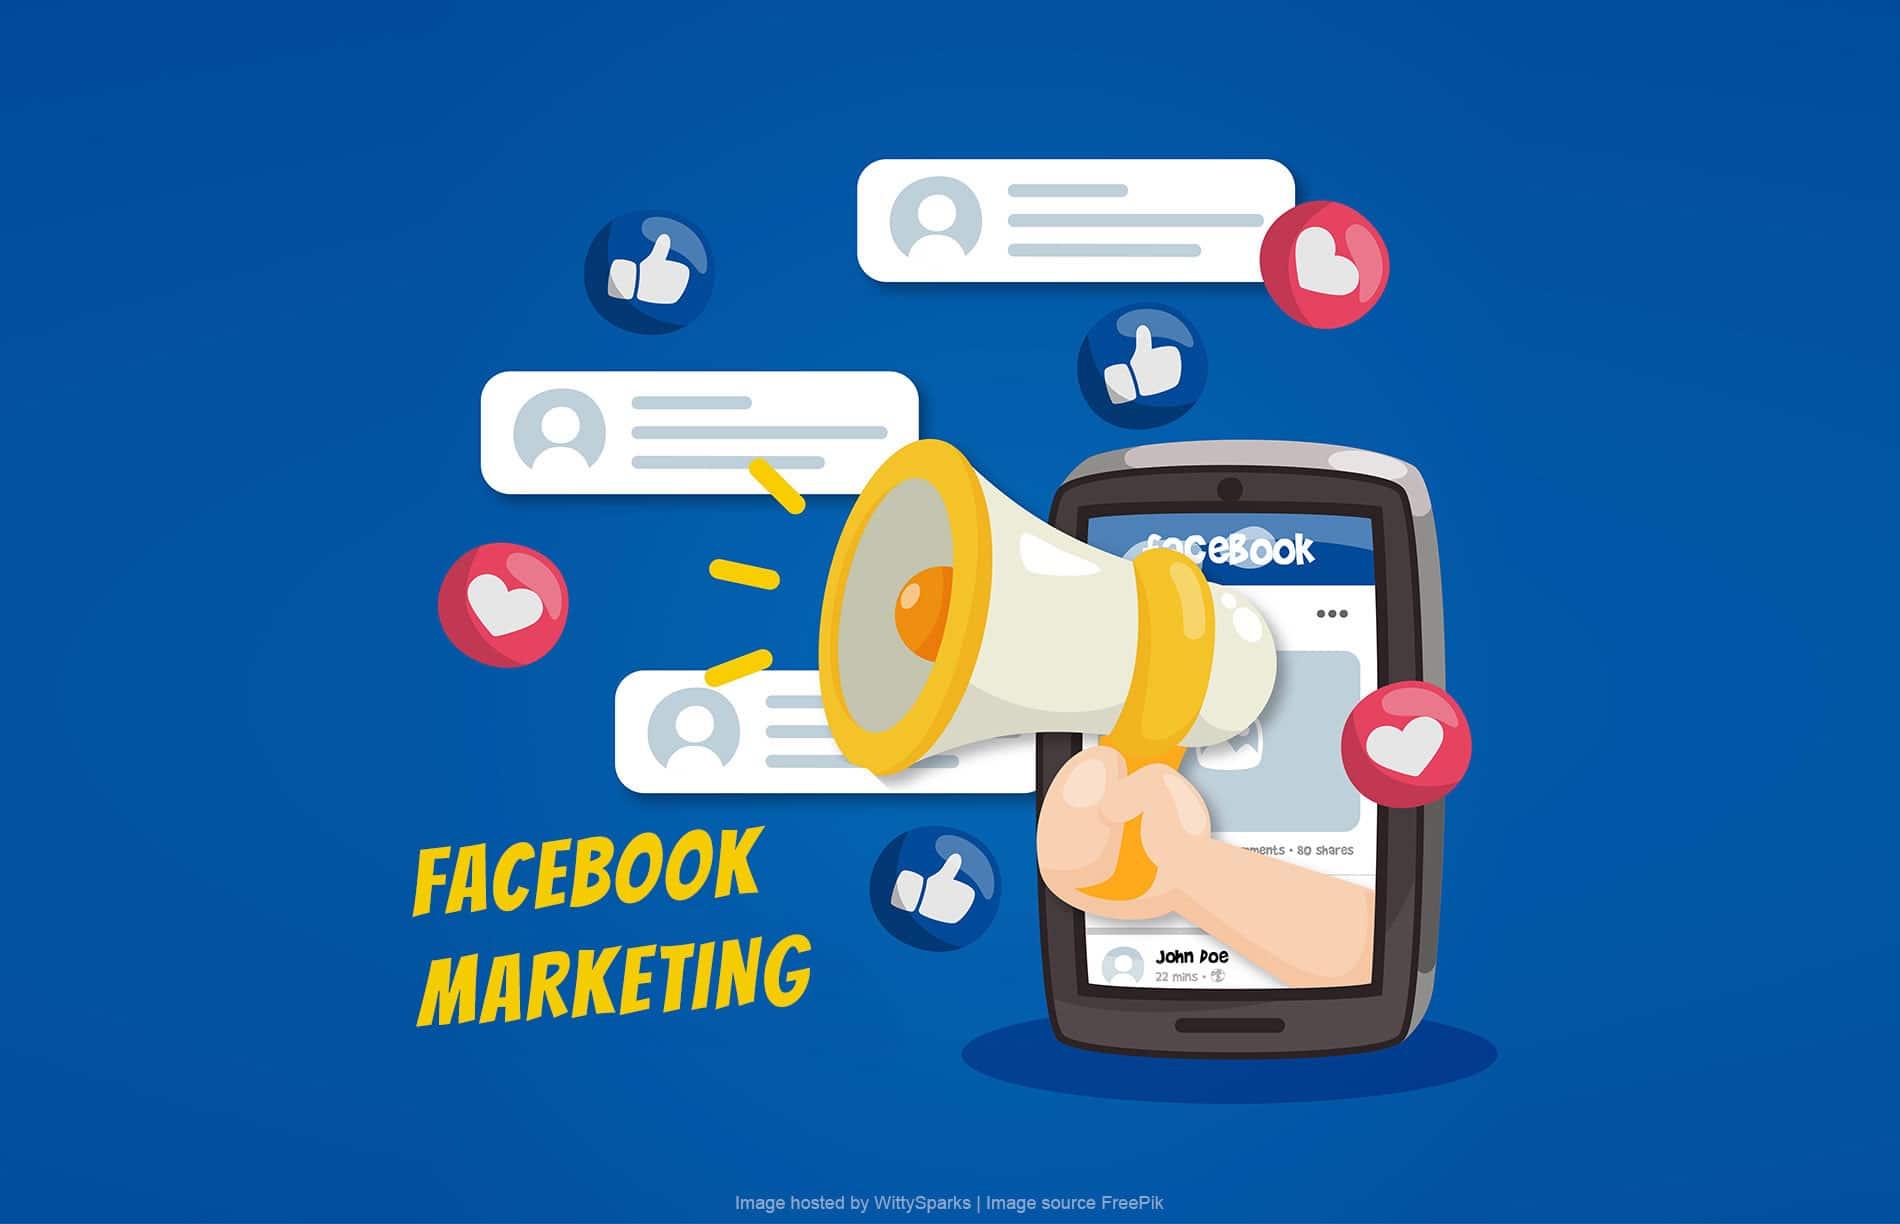 Chính sách quảng cáo Facebook bạn càn nên biết